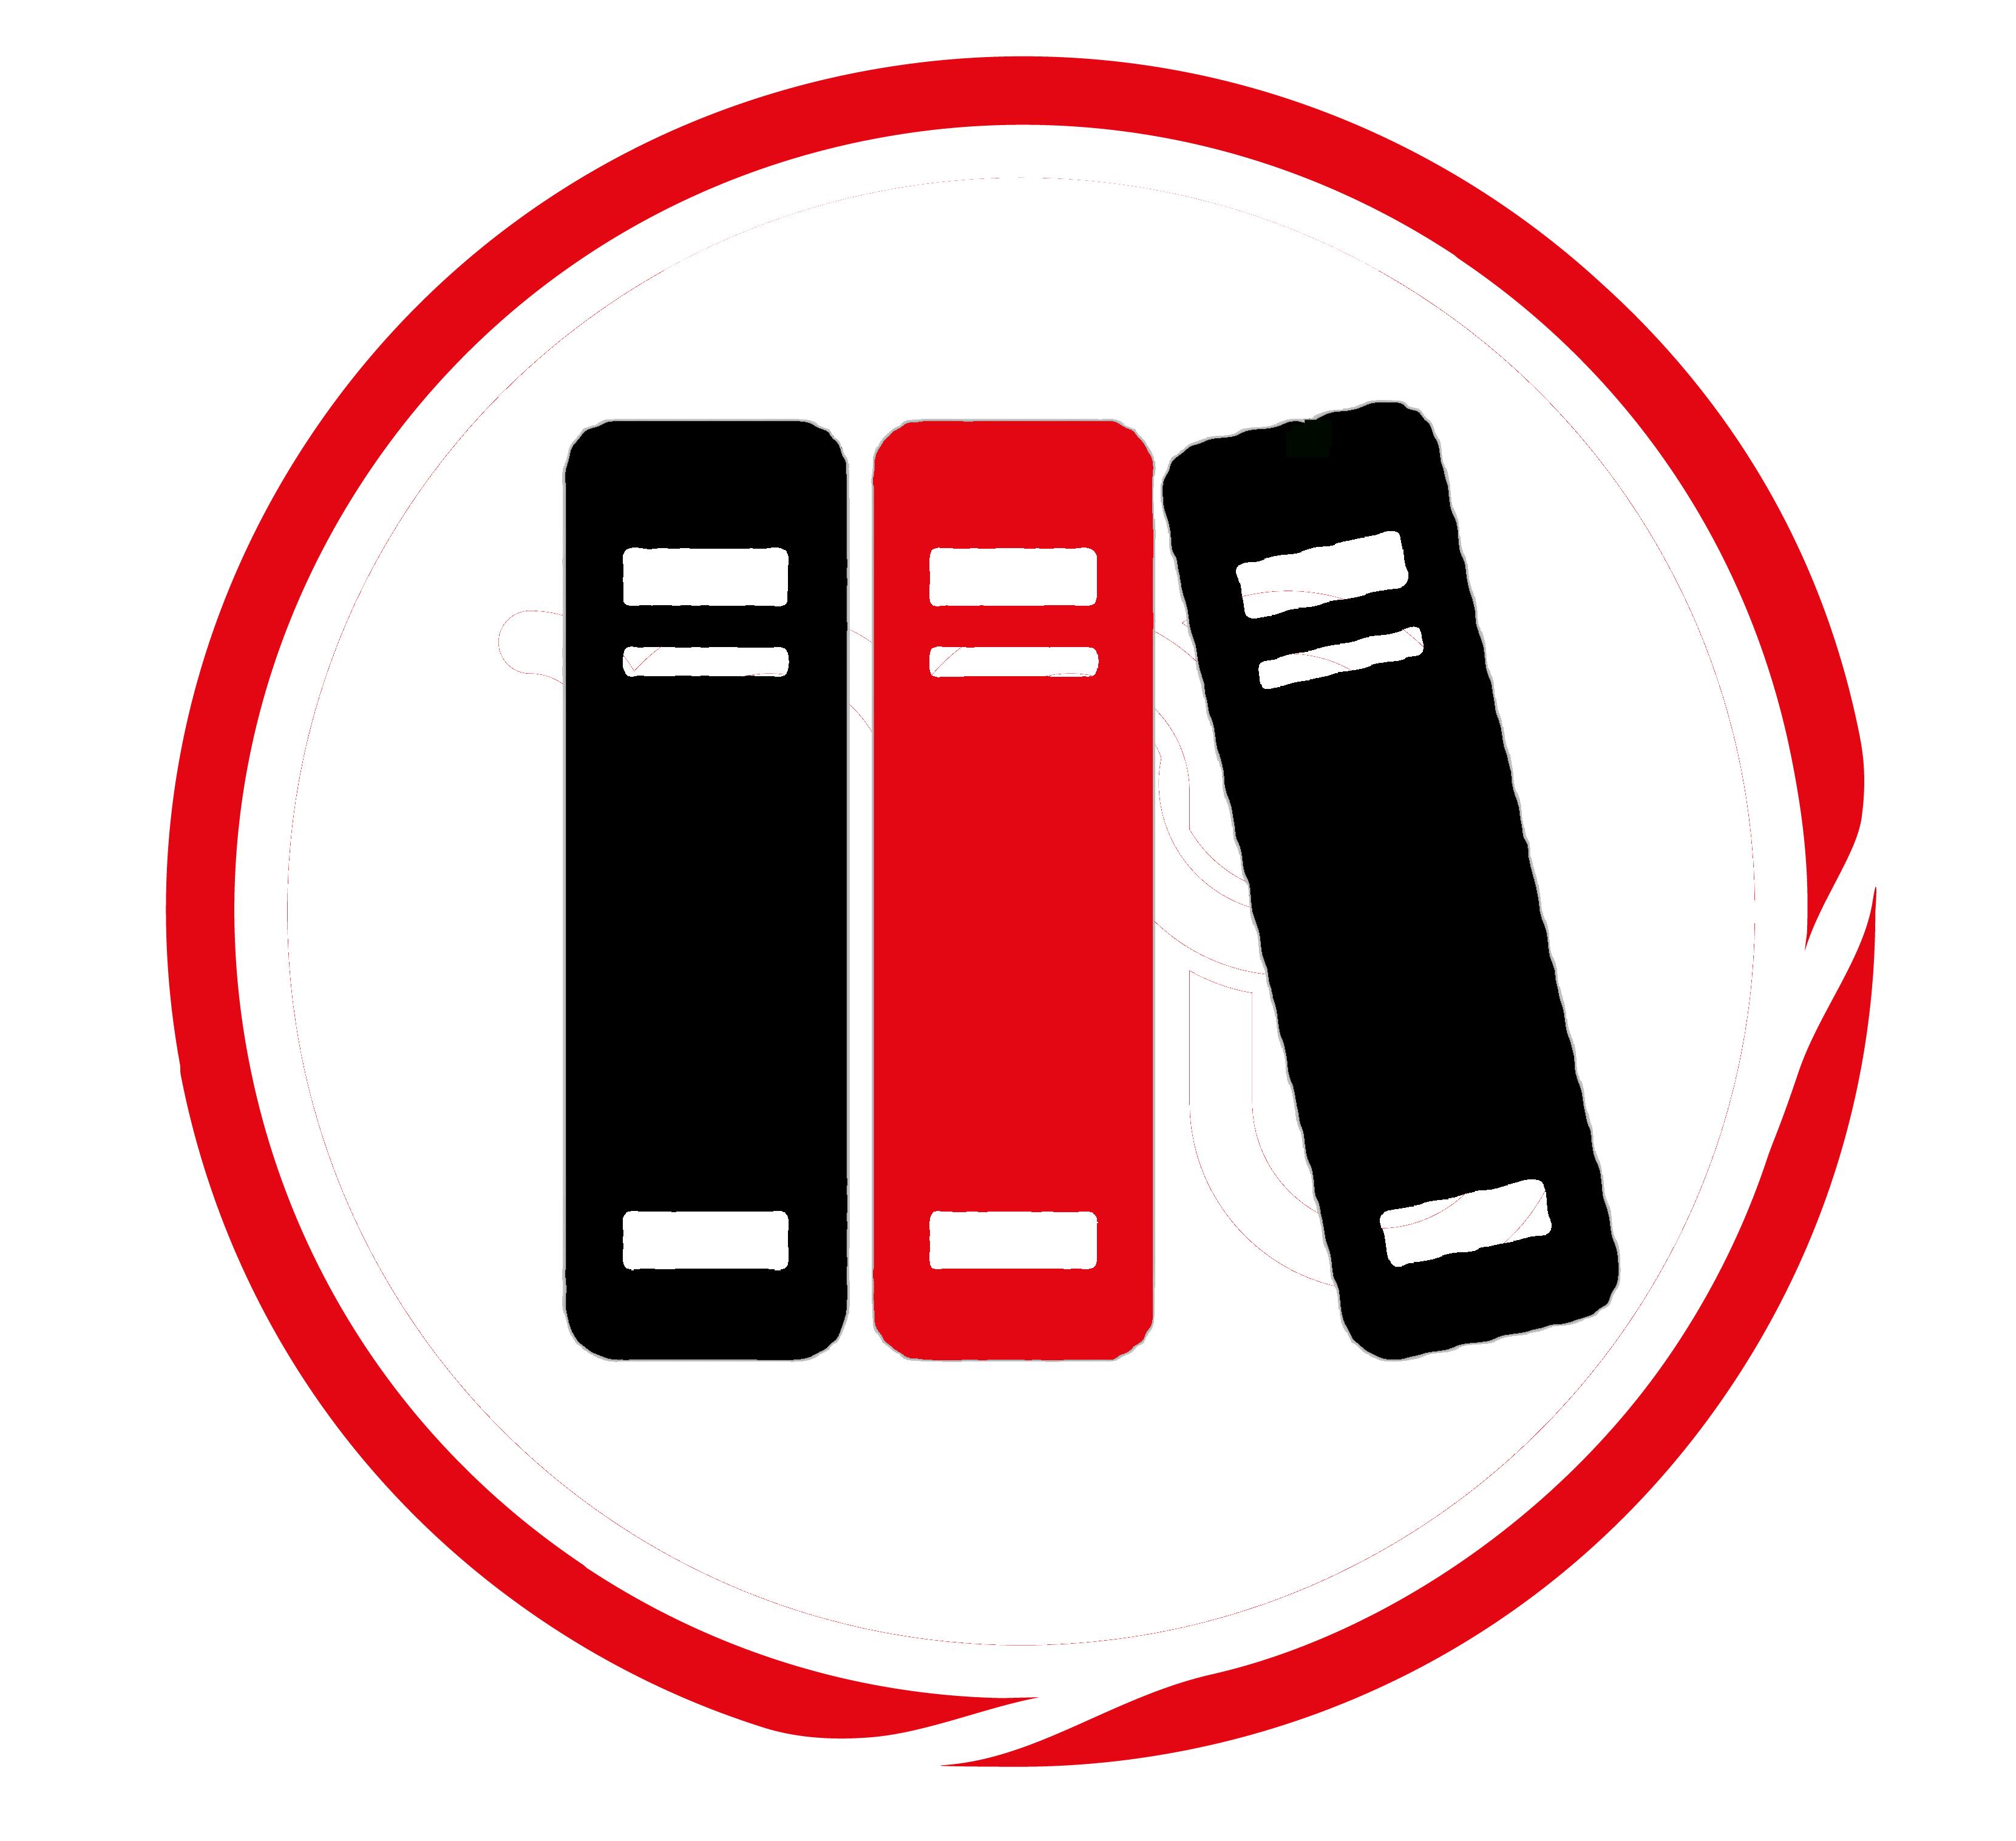 Nos techniciens vous forment à l'utilisation du TPE ou de la caisse pour une utilisation optimale